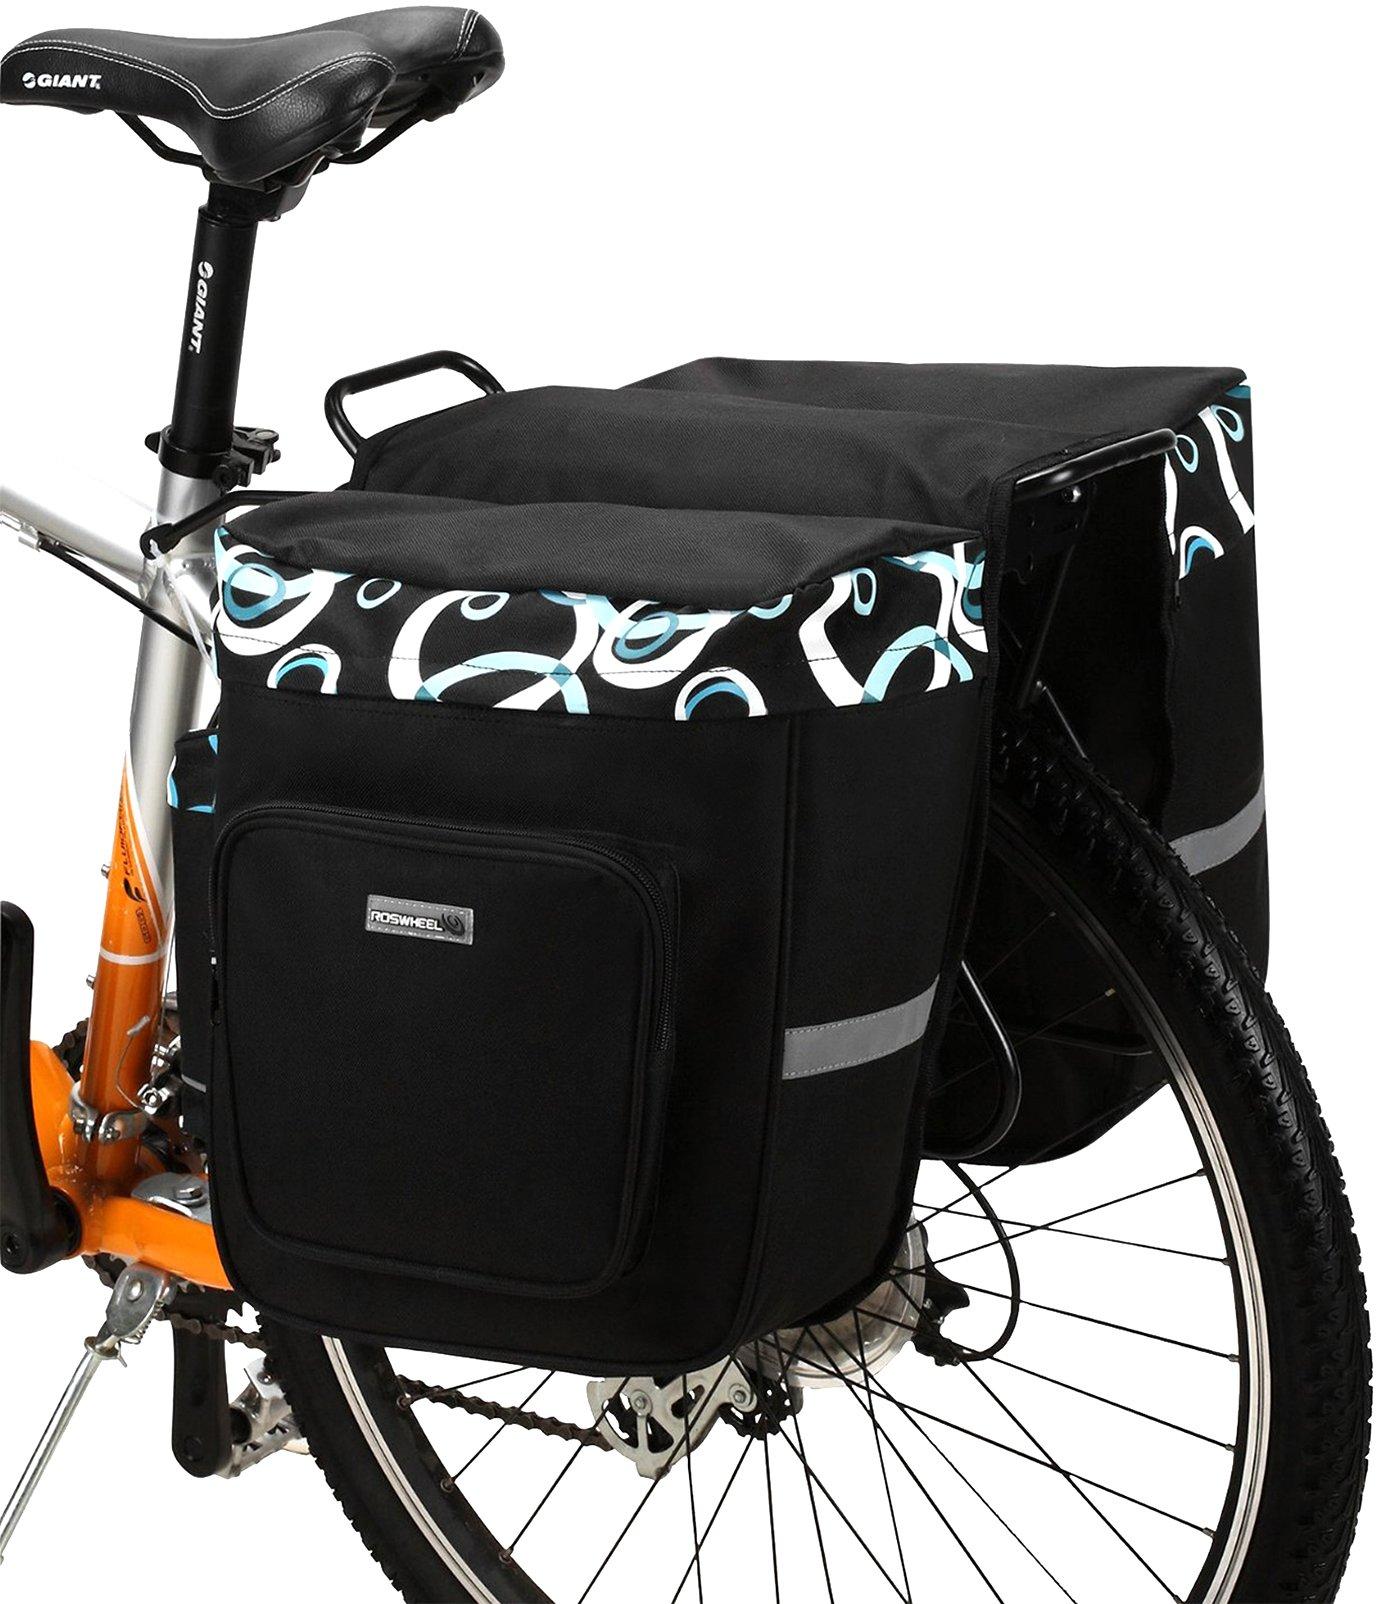 DCCN Alforja para sillín de Bicicleta, Bolsa para Bicicleta, Super ...